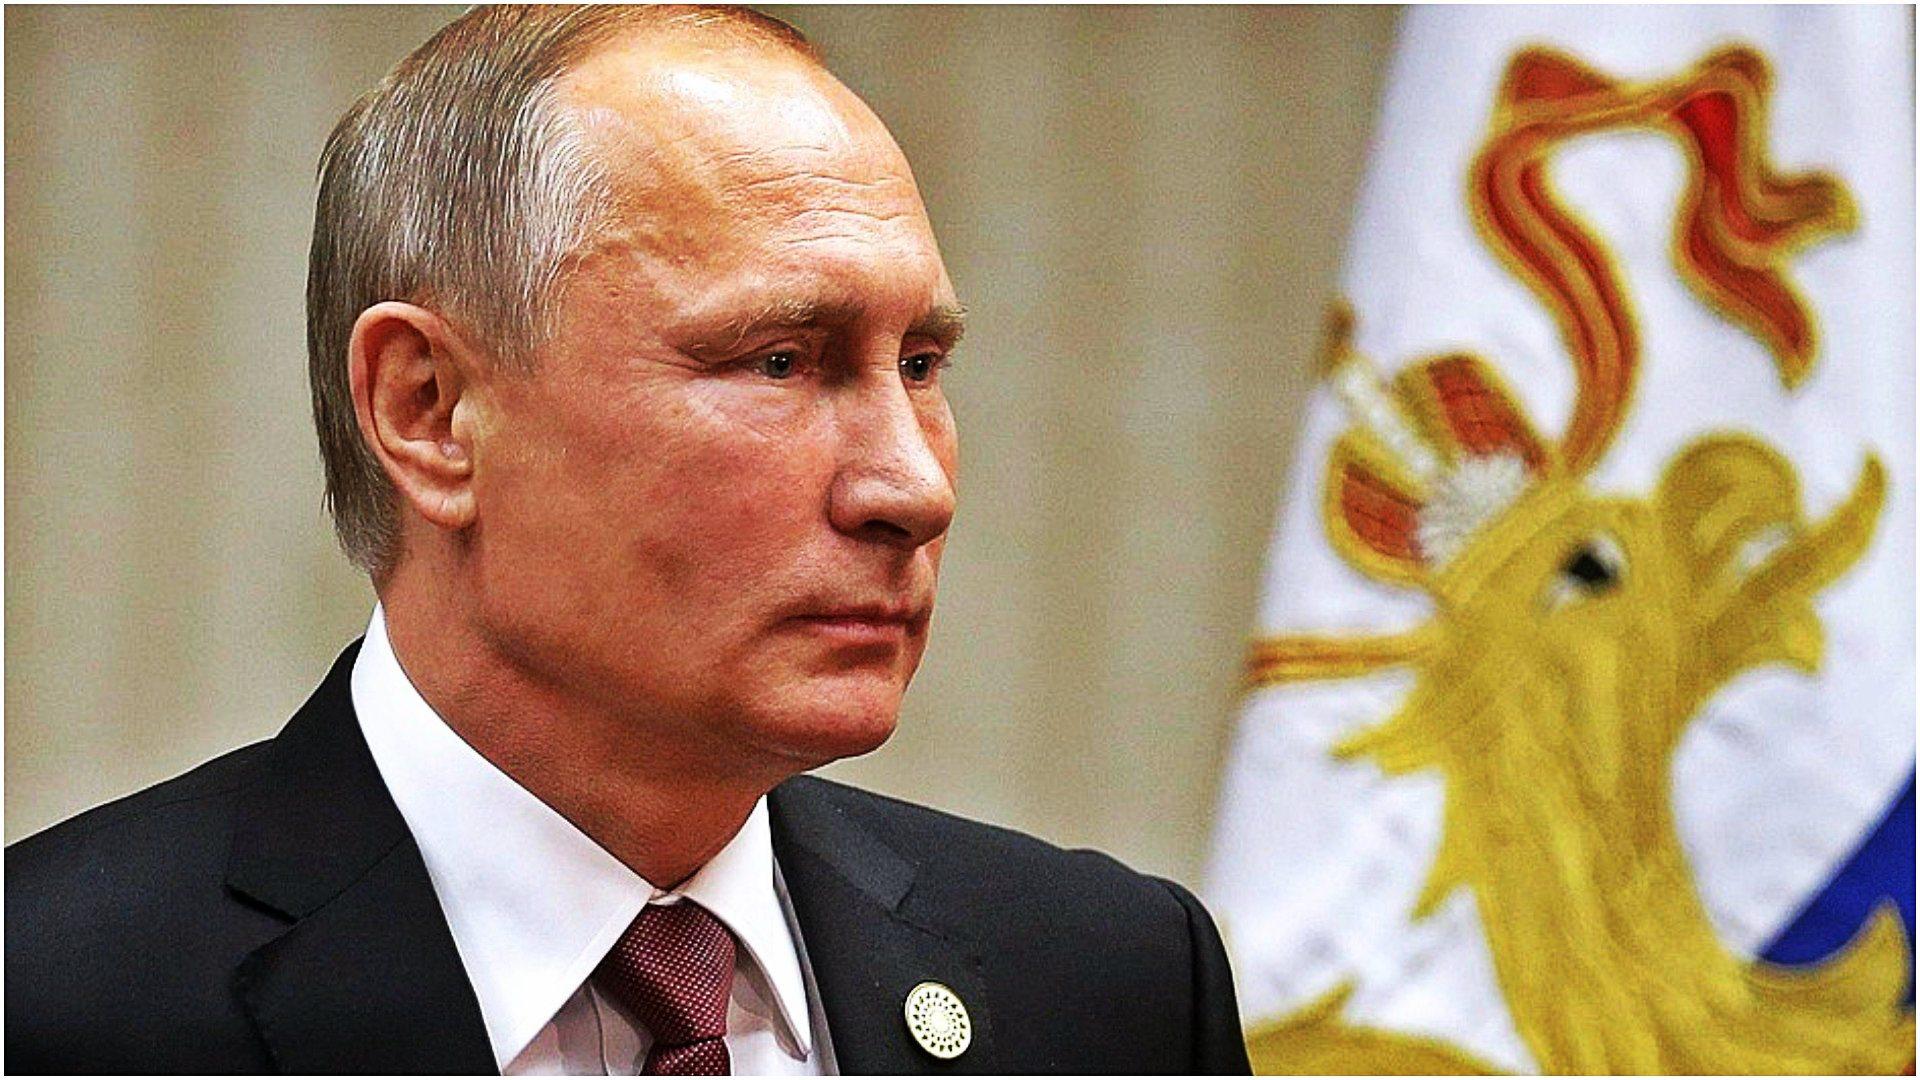 Rosja przerywa milczenie. Bardzo ostra odpowiedź na żądania PiS